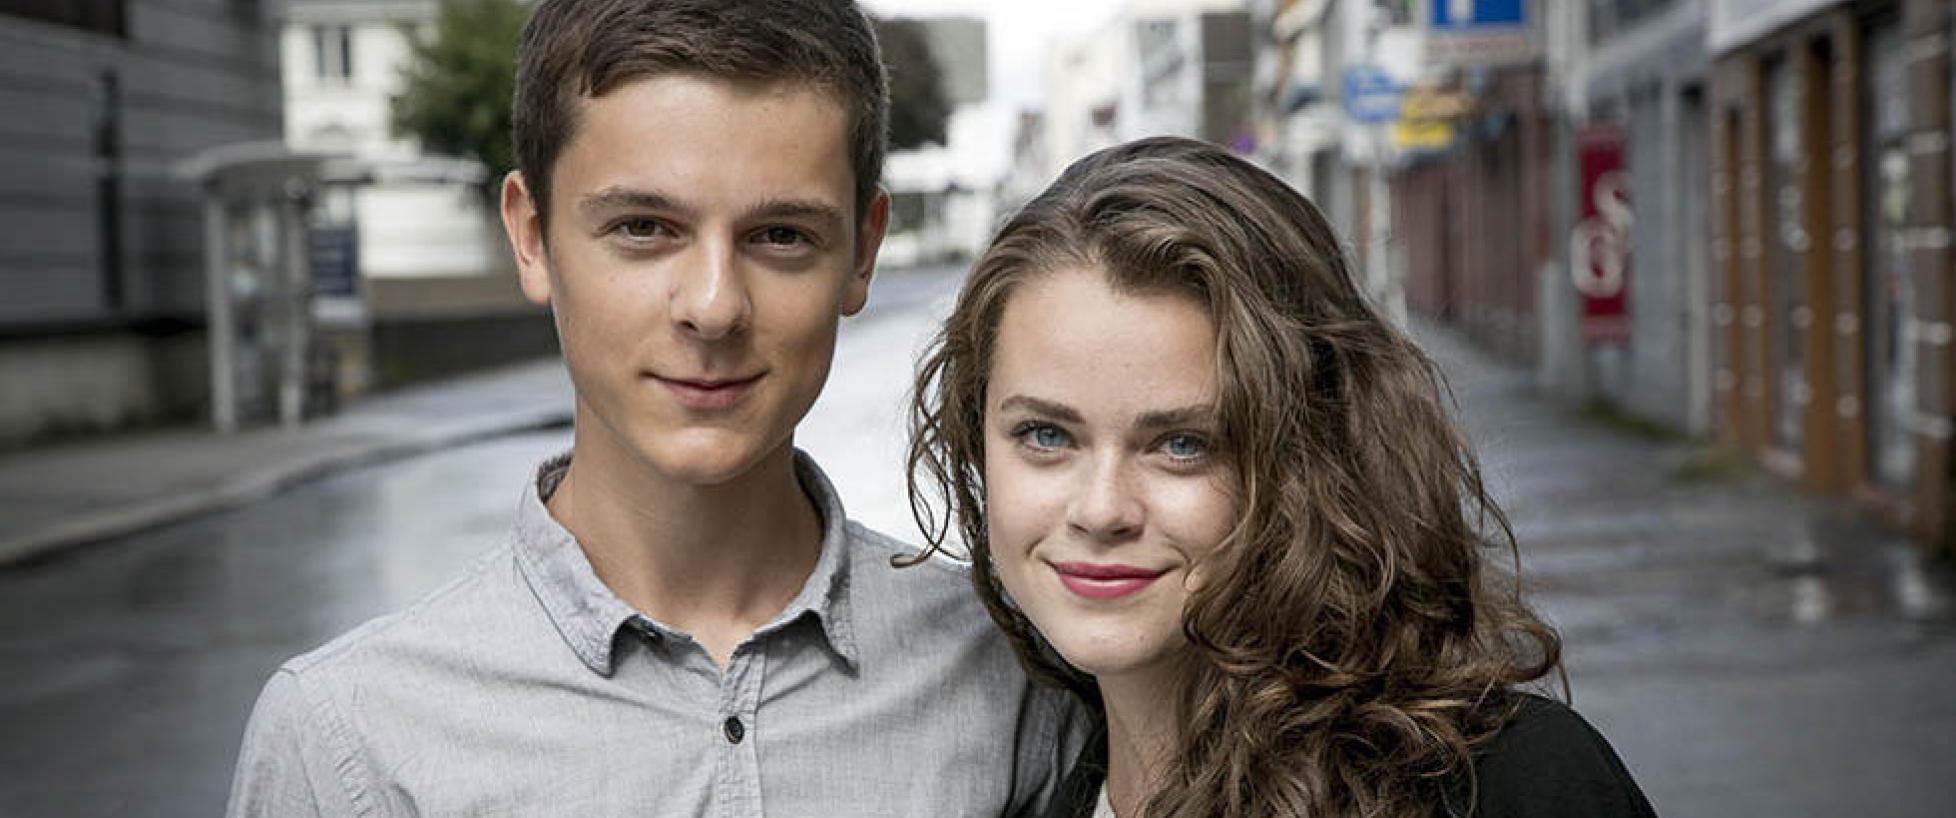 erskorte norsk film sexscener